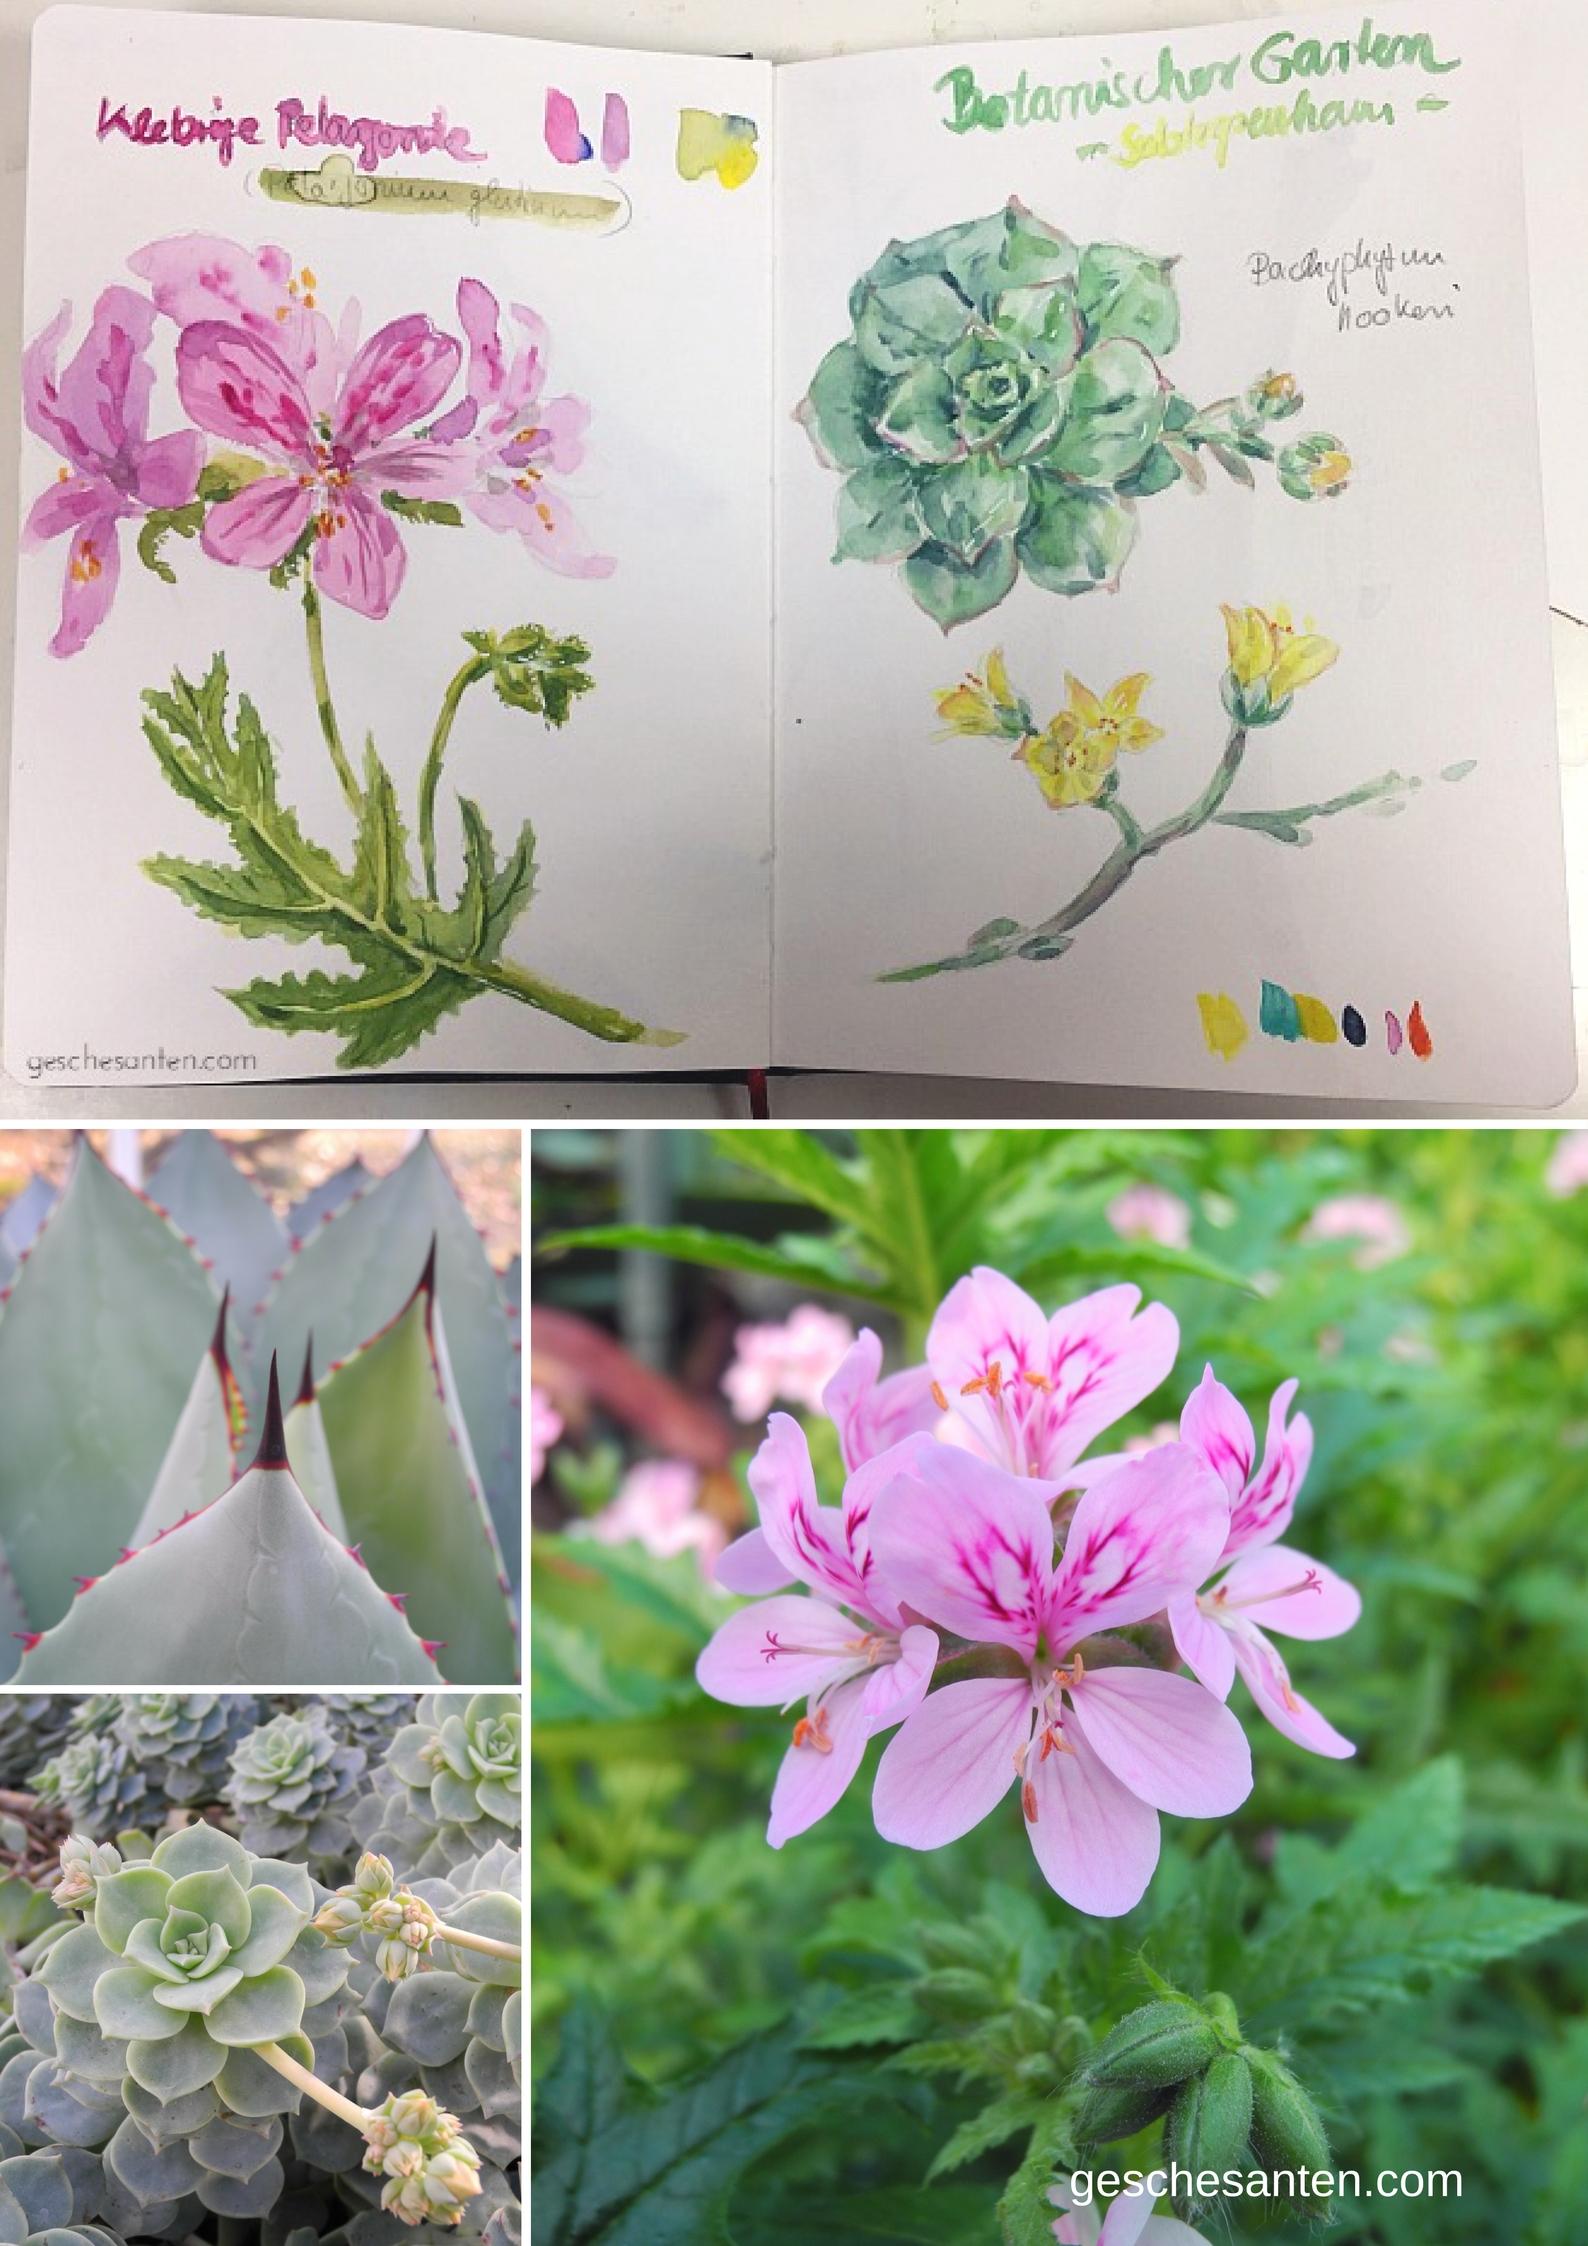 Naturskizzenbuch - Tropenhause, Subtropenhaus, Botanischer Garten